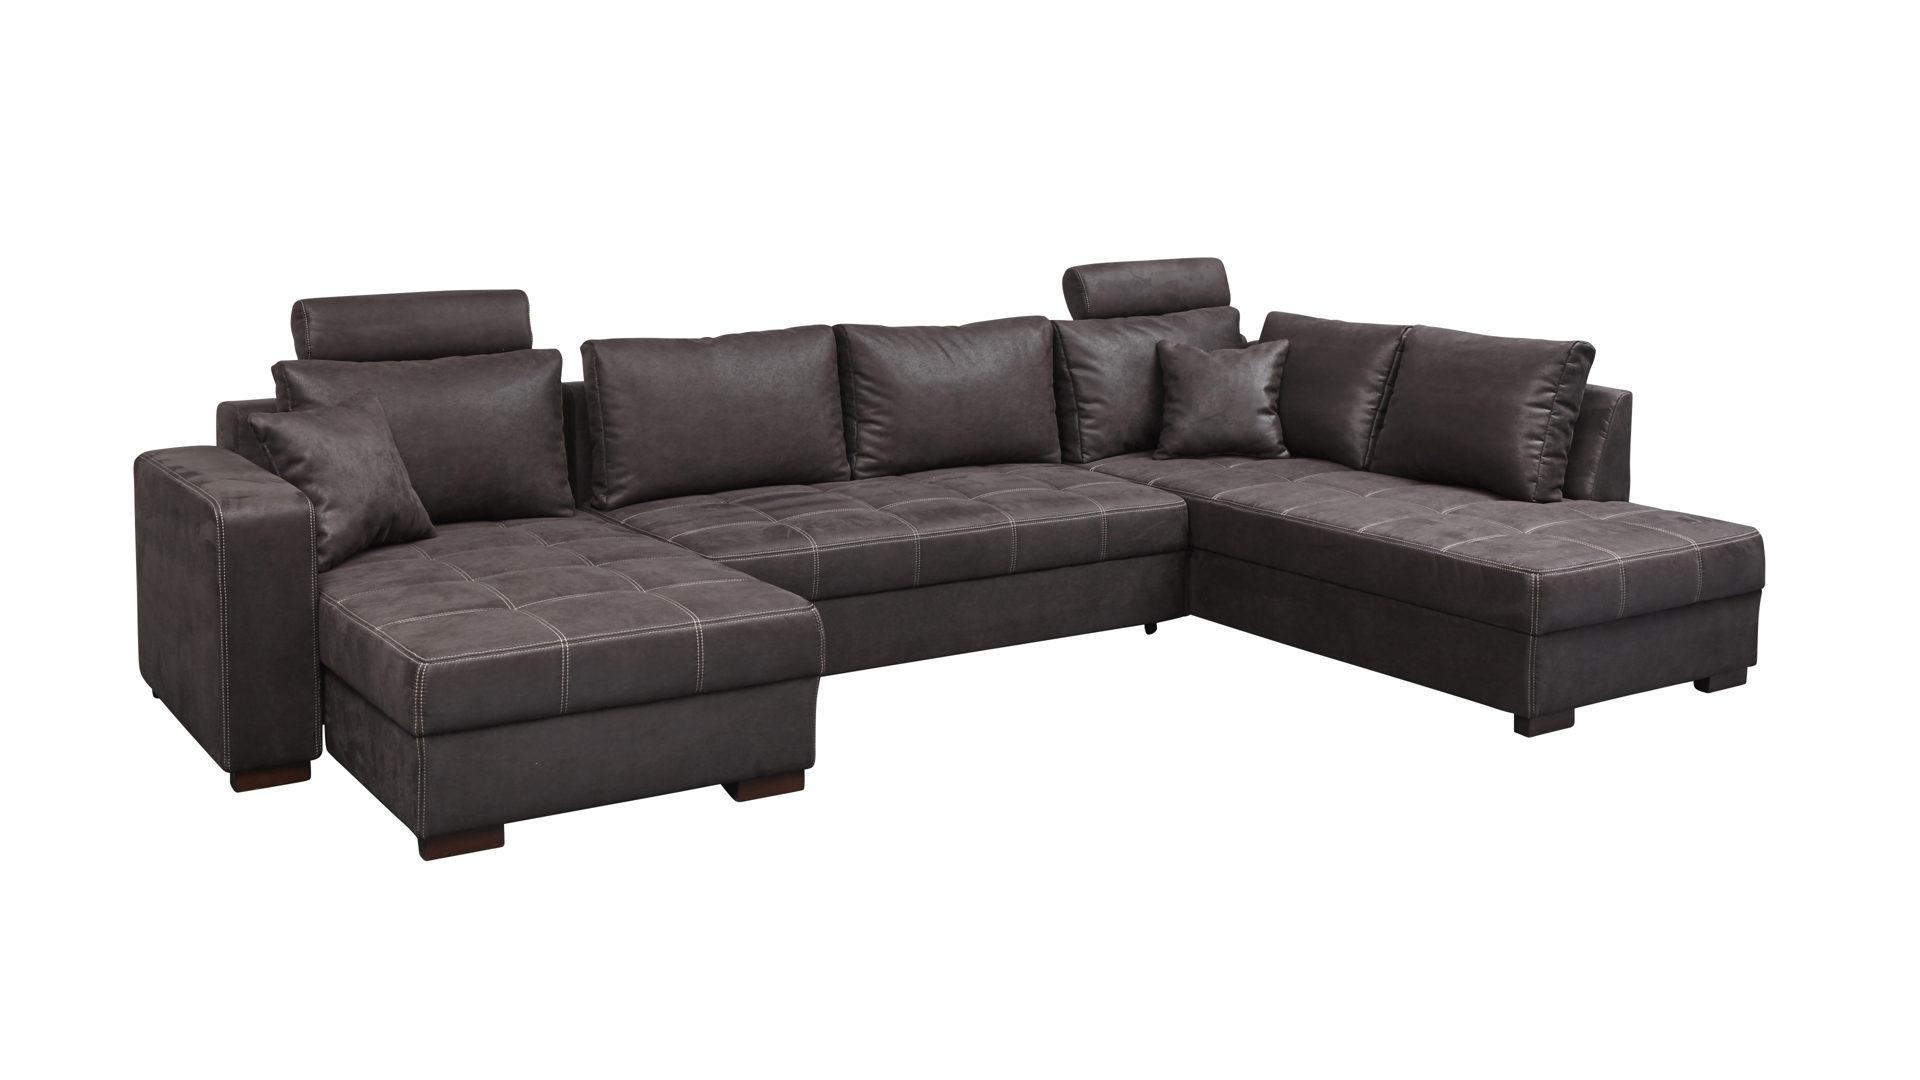 Lounge ecksofa  Wohnland Breitwieser | Markenshops | Wohnzimmer | KAWOO Lounge ...